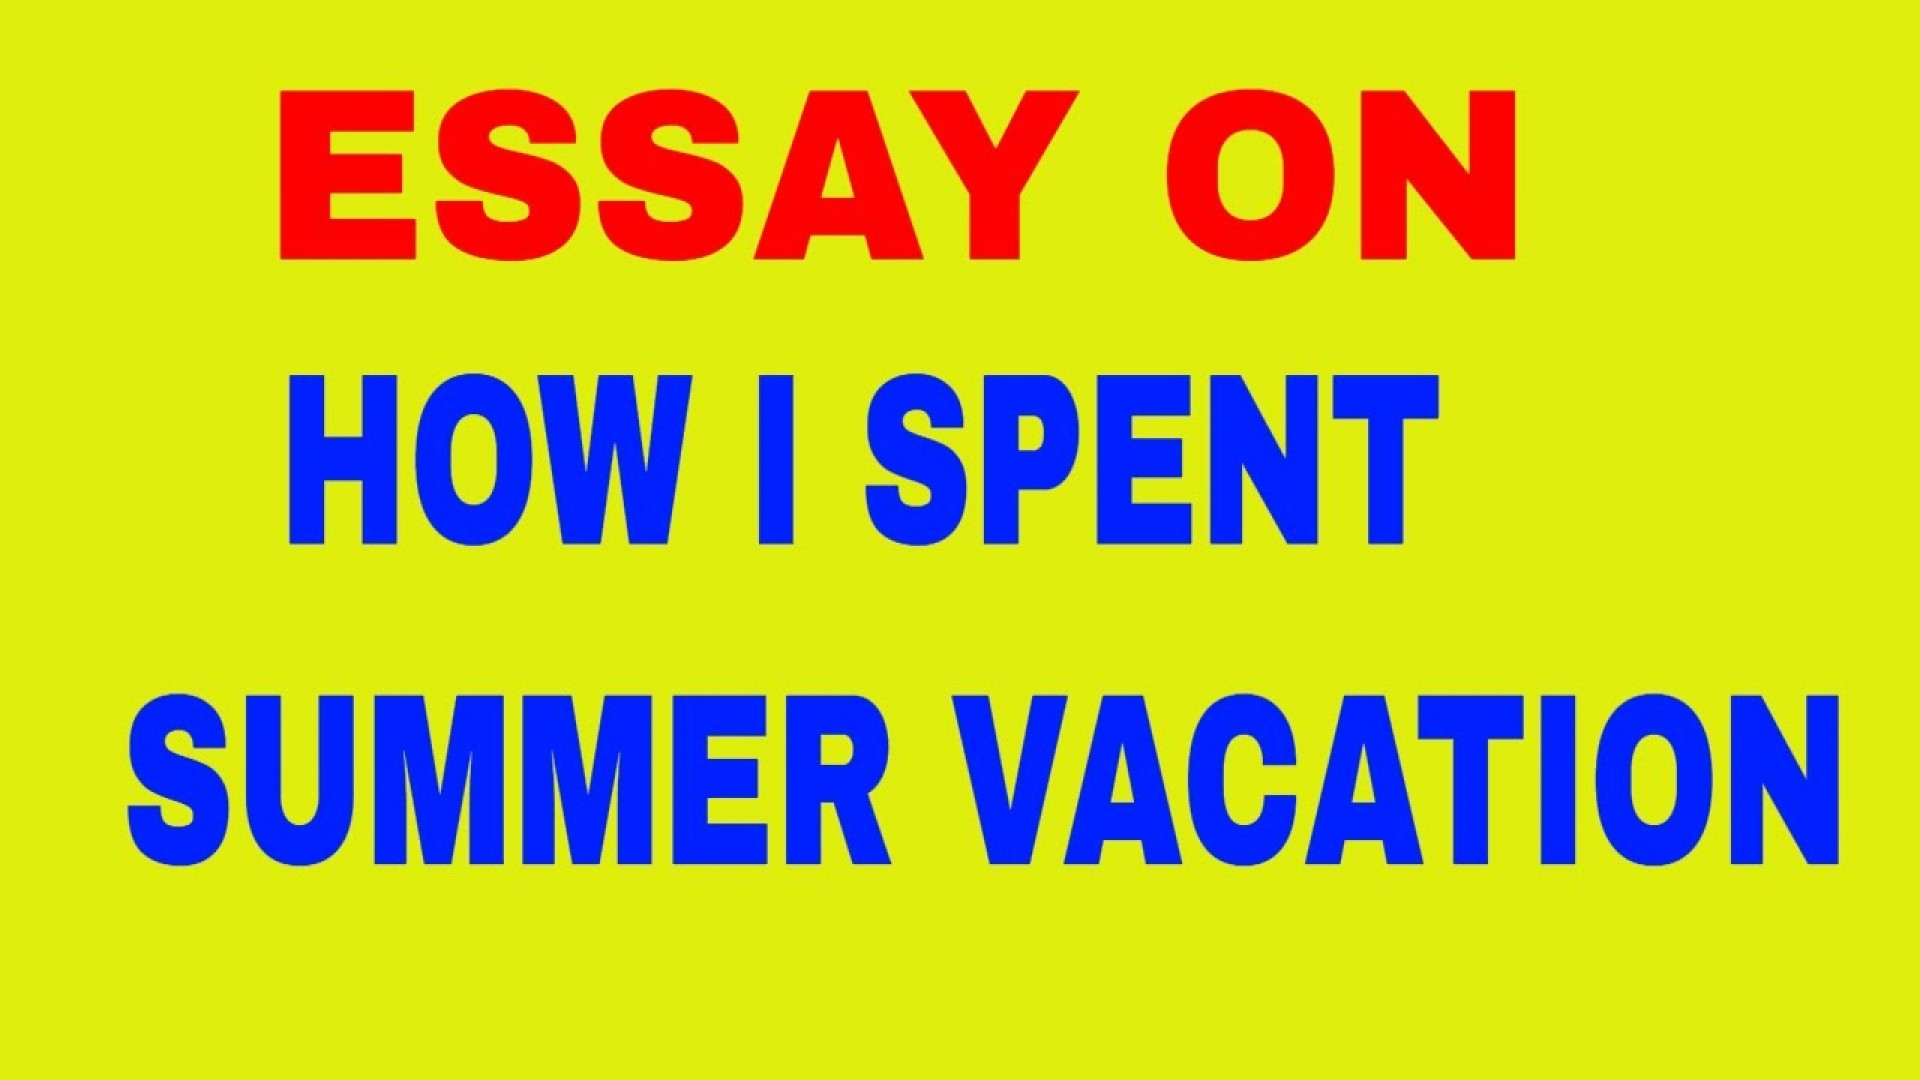 021 Maxresdefault Summer Vacation Essay Frightening For Class 6 In Urdu On Marathi 1920